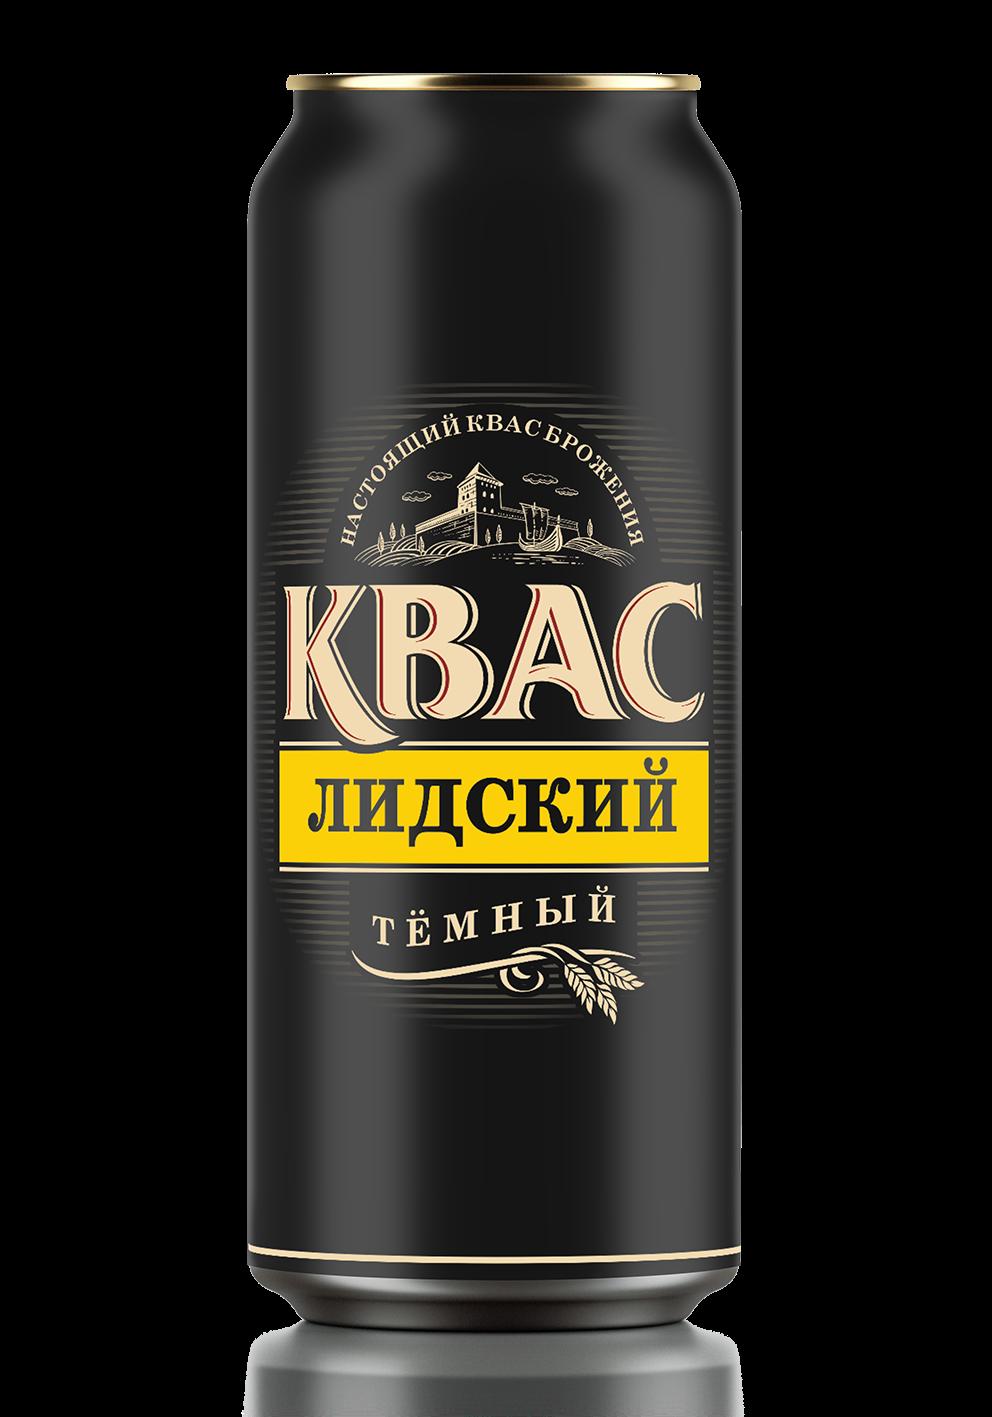 «Лидское пиво» представило темный квас в алюминиевой банке